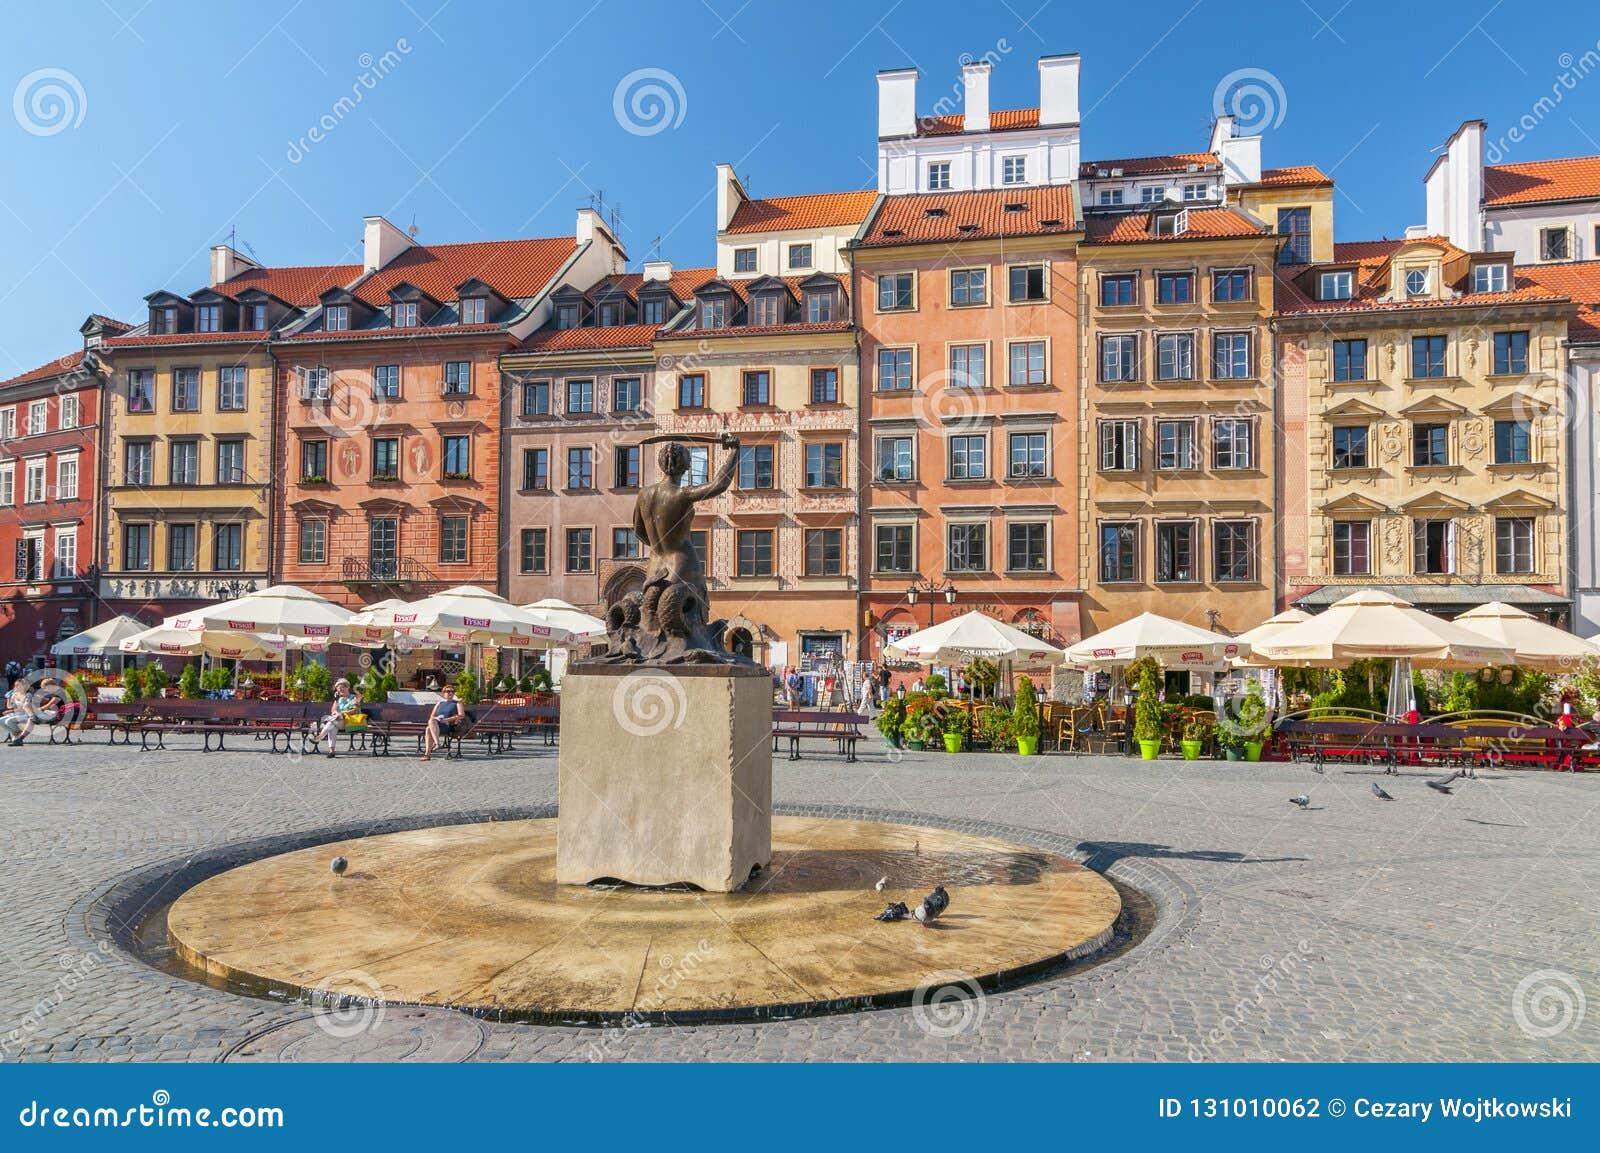 Die Statue der Meerjungfrau in der Mitte von Warschaus alter Stadt in Warschau, Polen